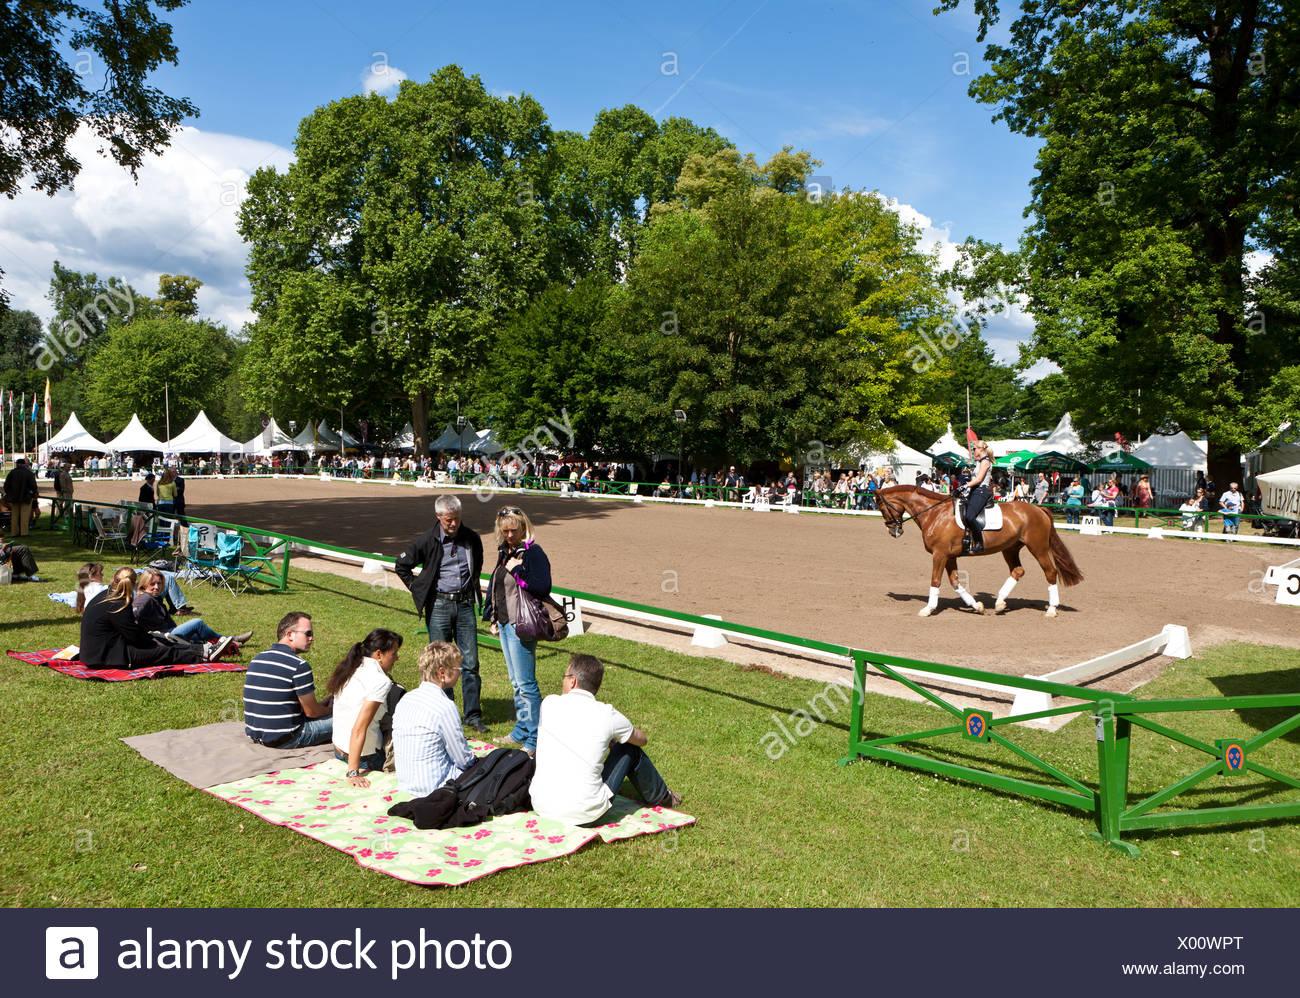 Los espectadores en el show jumping Pentecostal Internacional y competencia de doma, jardines del palacio Biebrich Schlosspark Imagen De Stock